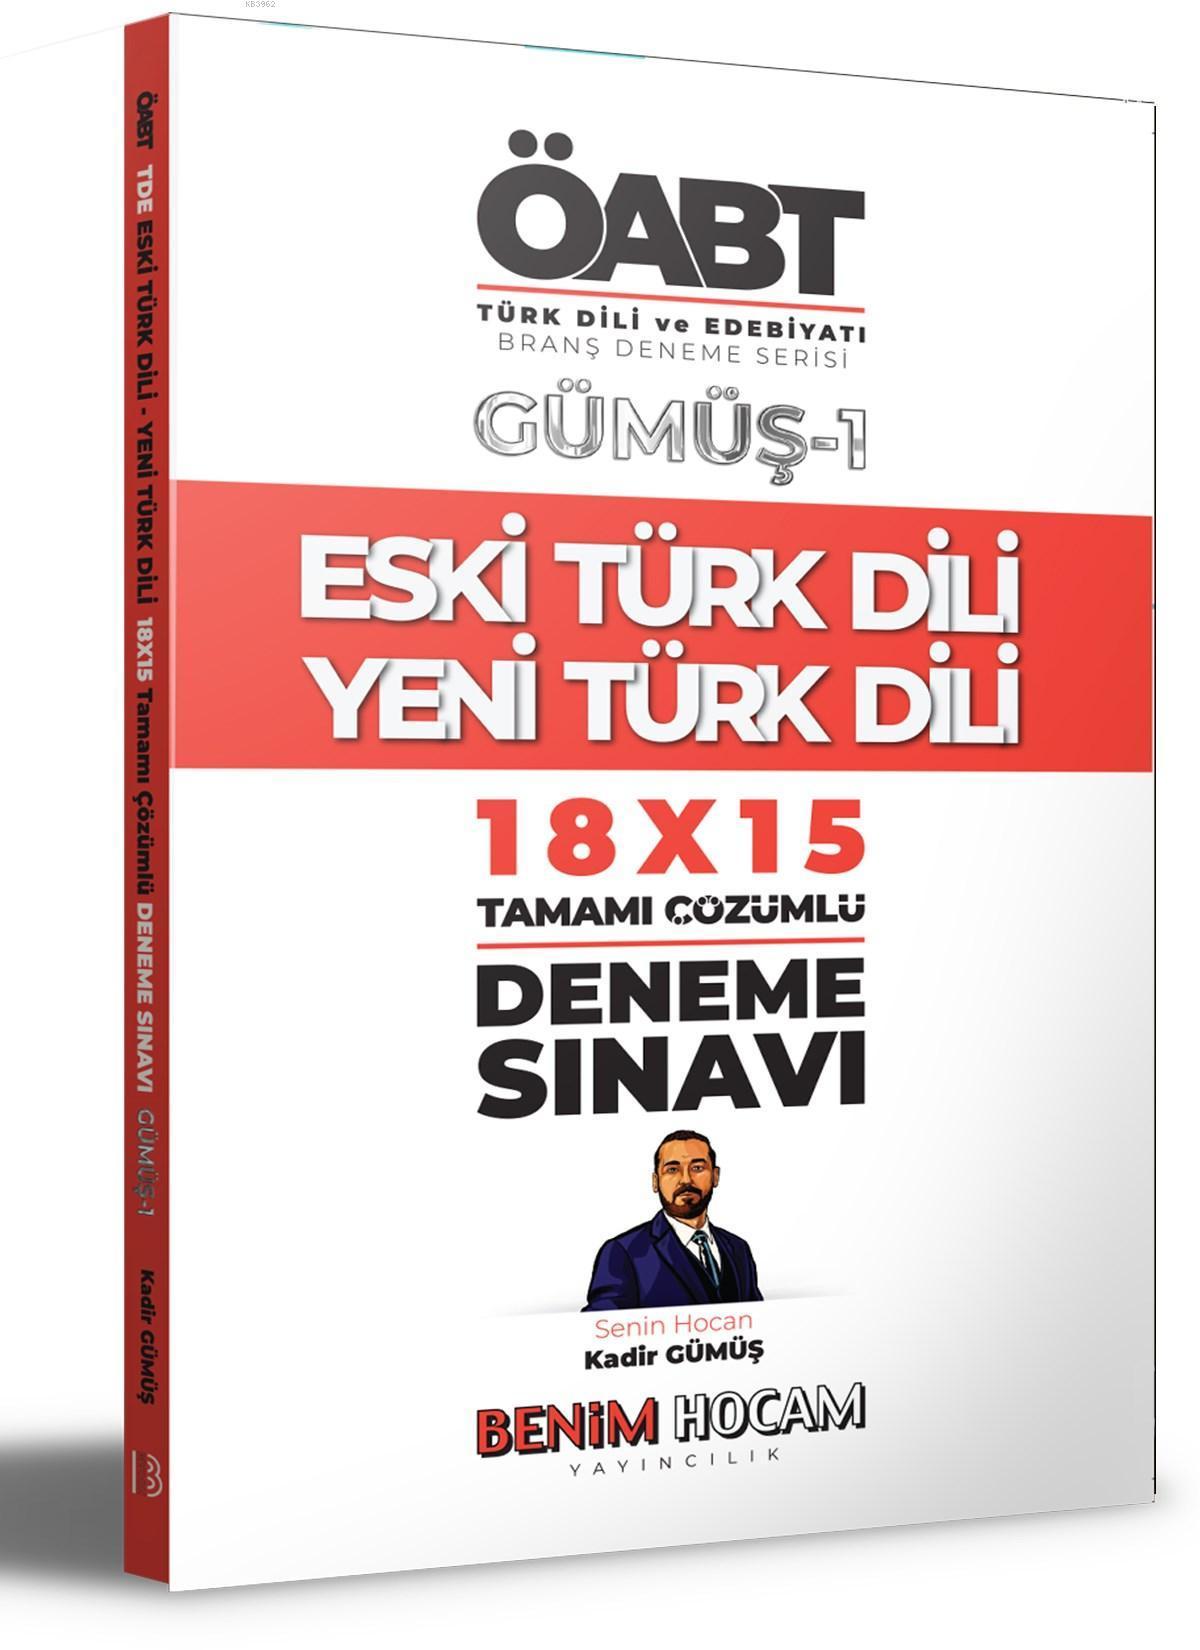 2021 KPSS Gümüş Serisi 1 ÖABT Türk Dili ve Edebiyatı Eski Türk Dili/Yeni Türk Dili Deneme Sınavları